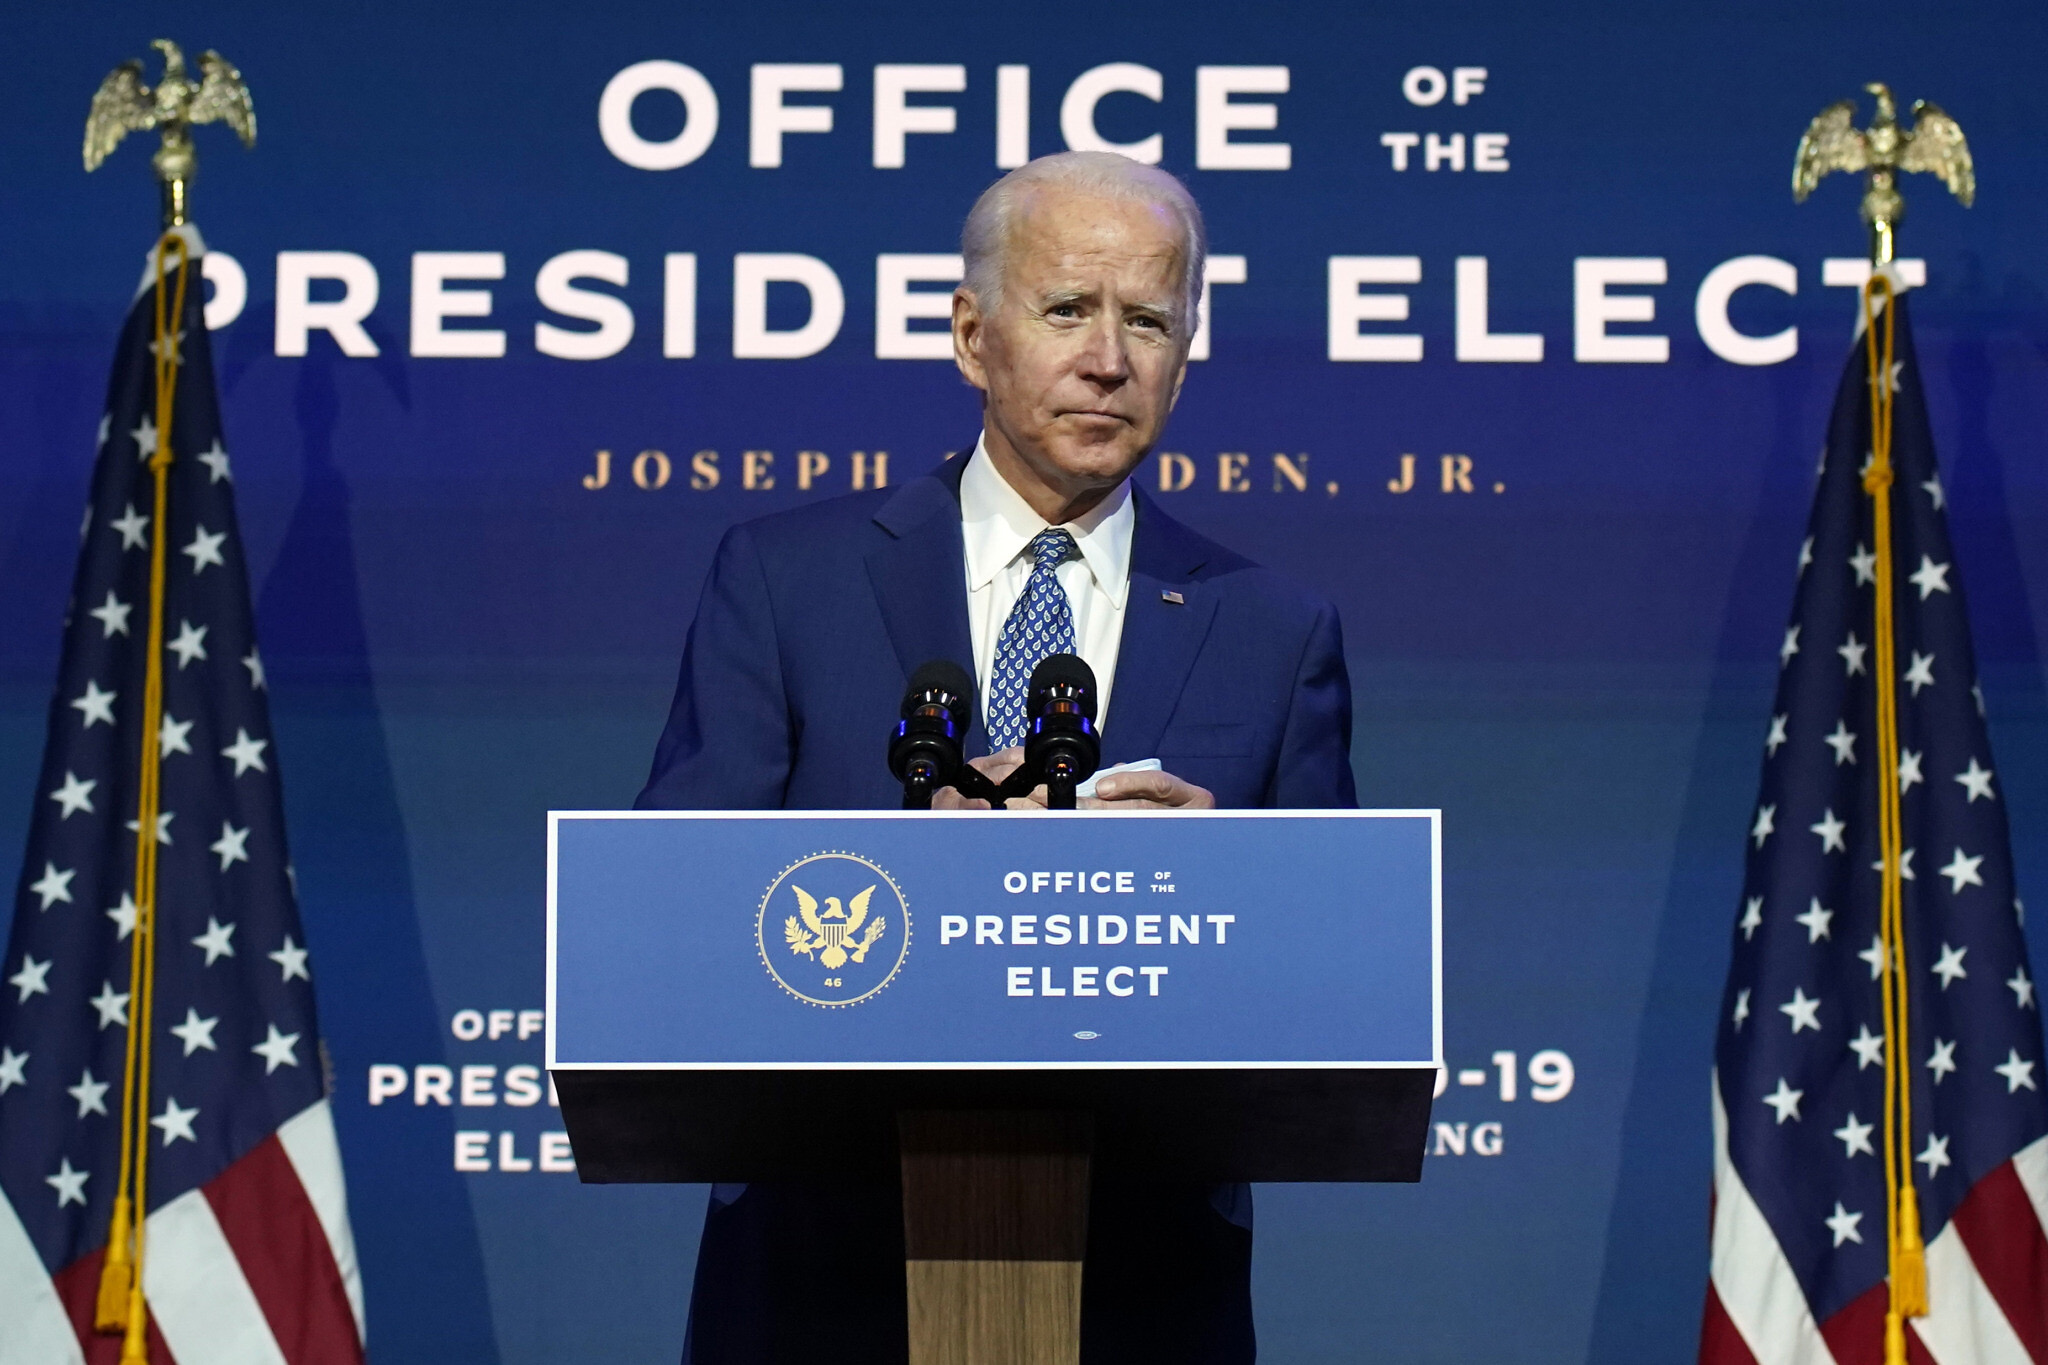 États-Unis : Pour Joe Biden, la transition « est déjà bien enclenchée »